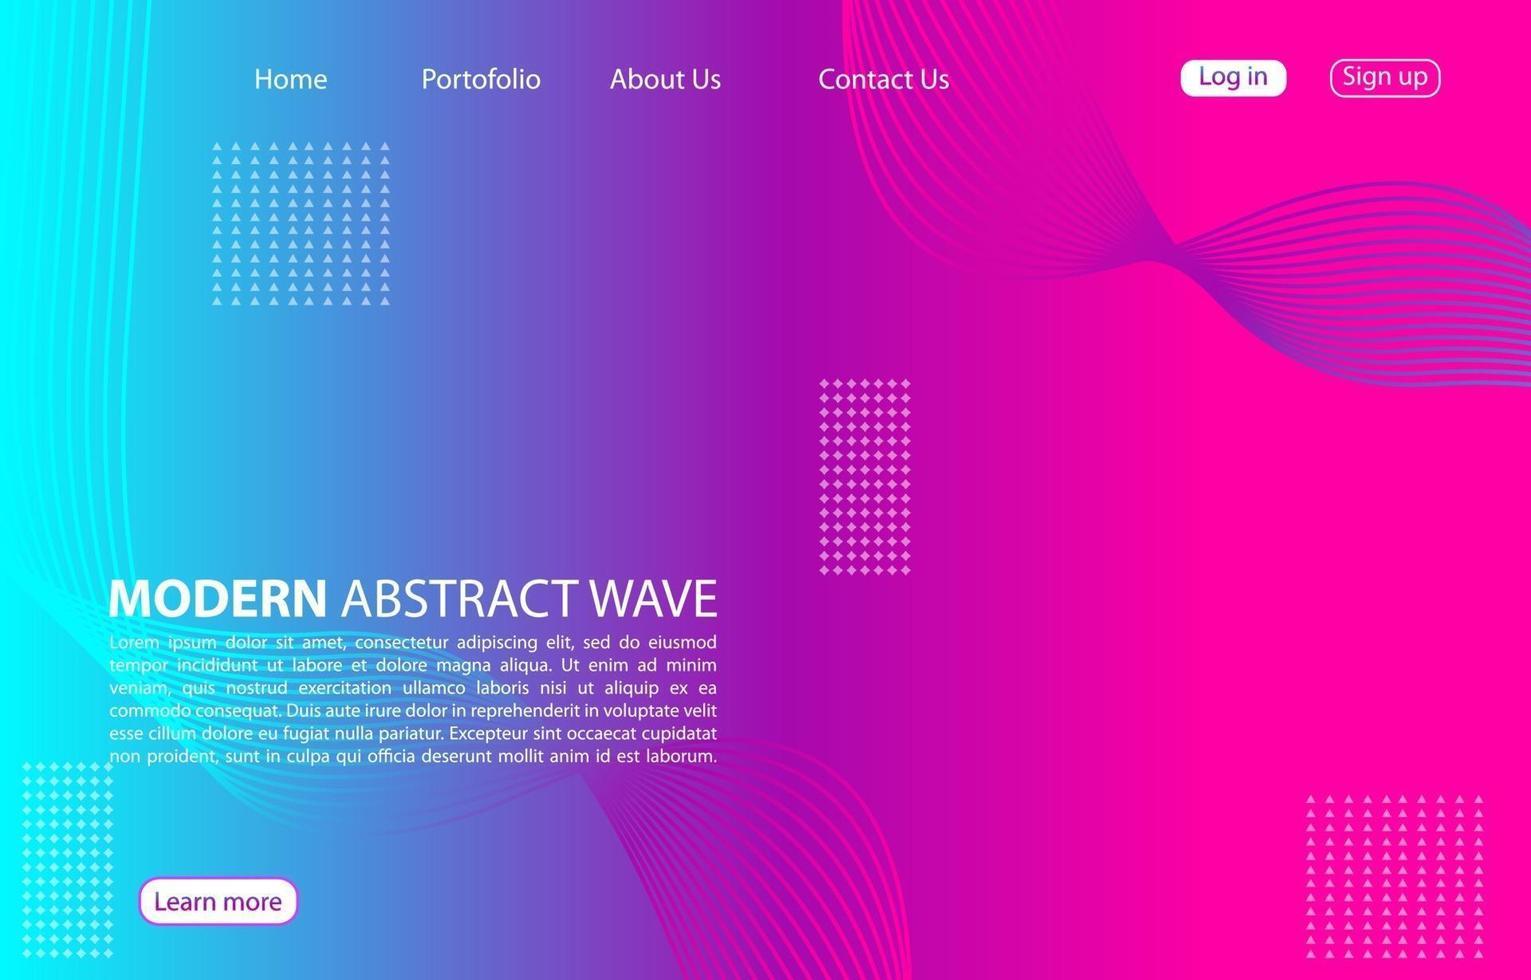 bunte moderne abstrakte Welle background.landing Seite abstrakte Welle Design. lila Farbe Hintergrund. vektor